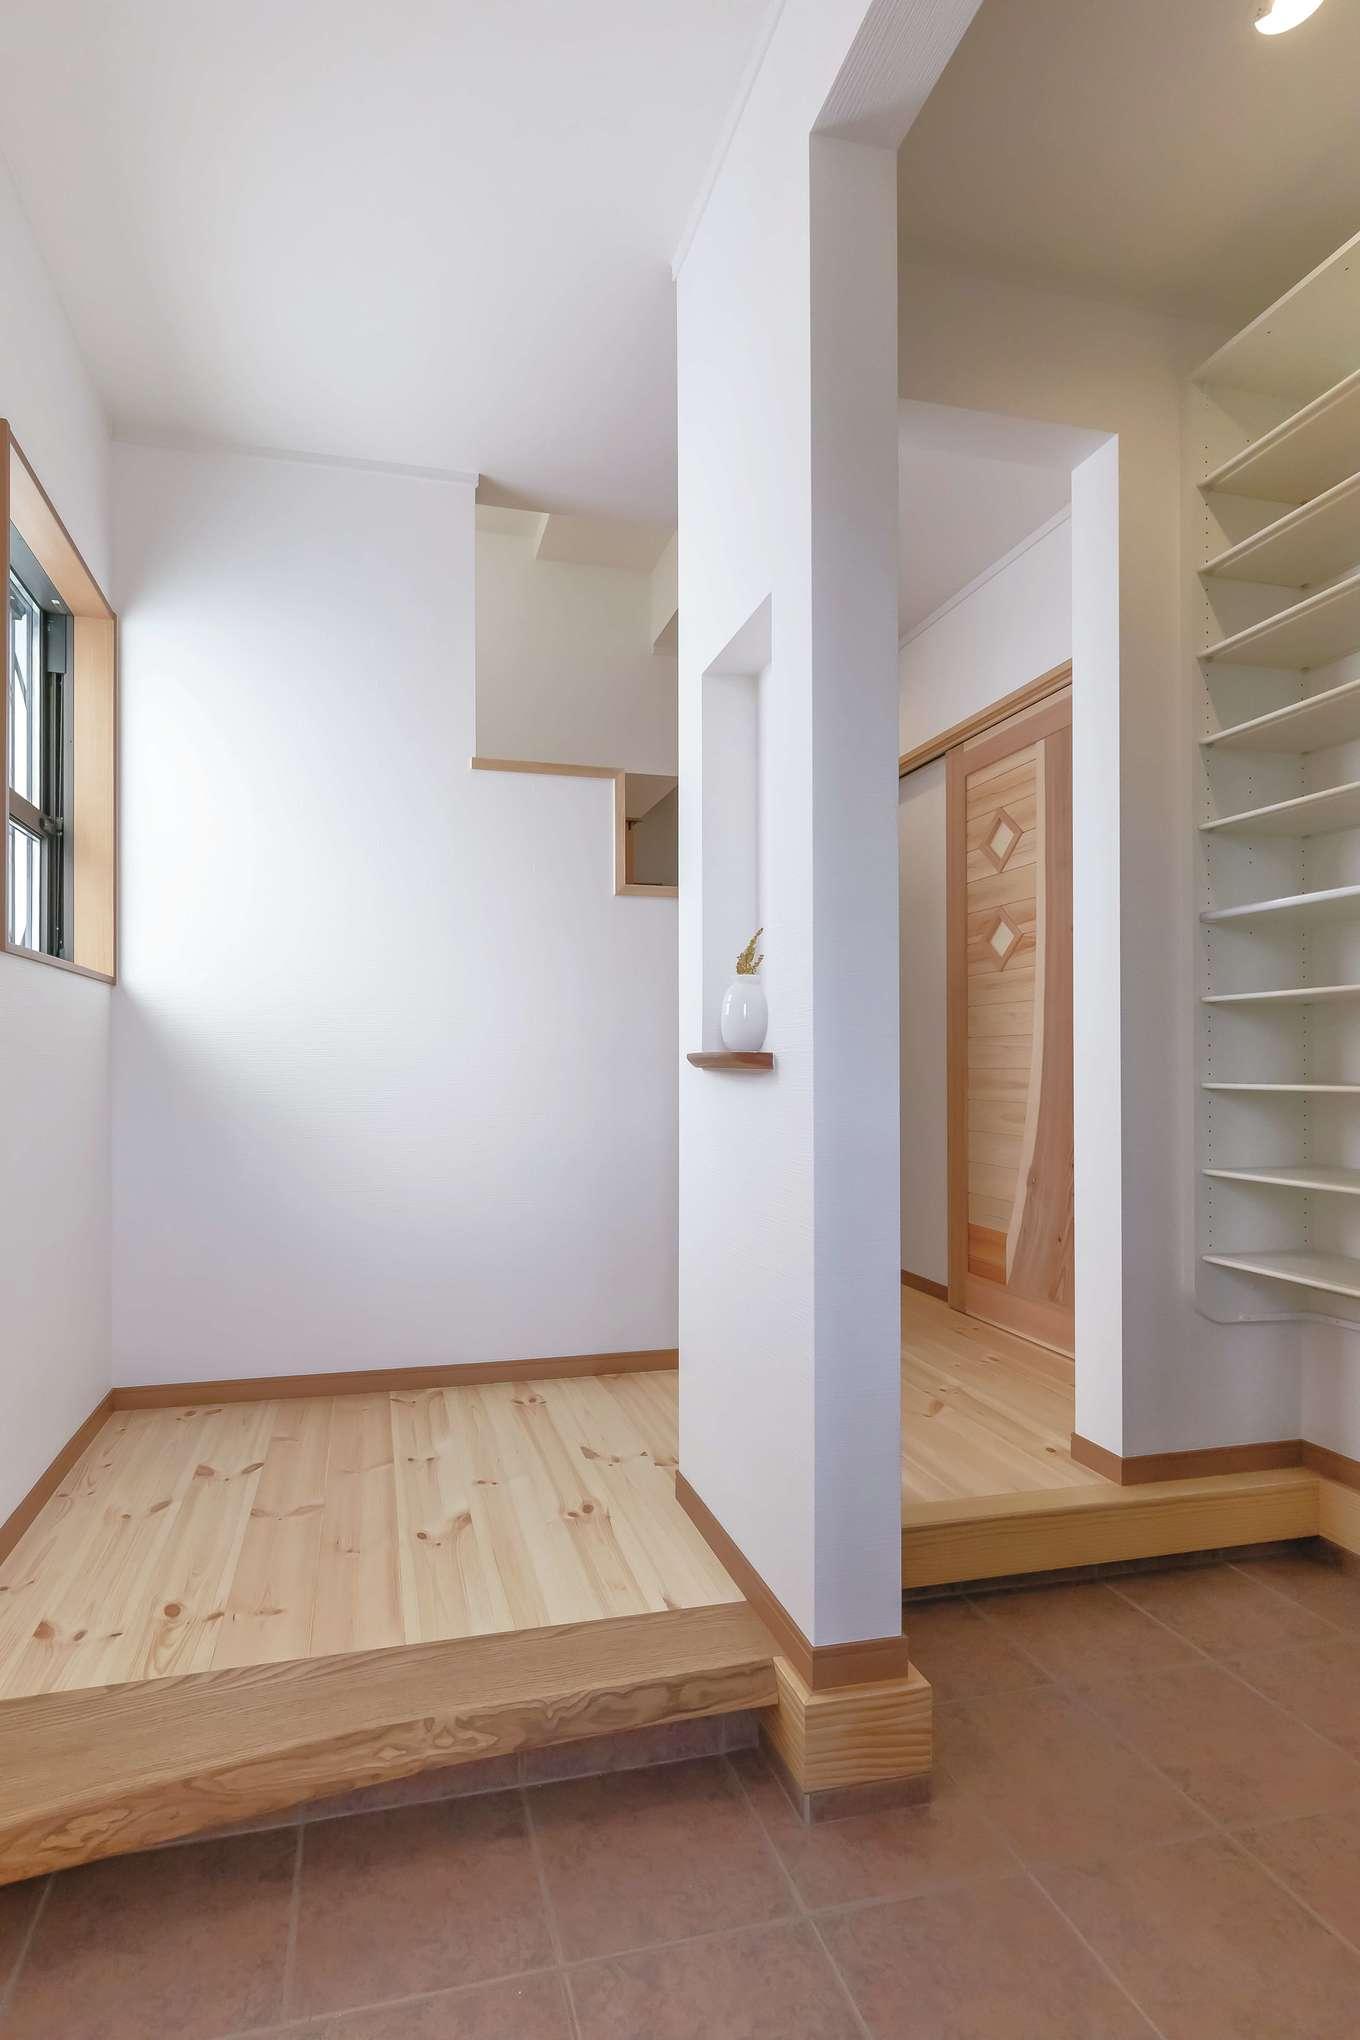 住まいるコーポレーション【デザイン住宅、和風、自然素材】玄関にはシューズクロークと家族用の下足スペースを確保。上り框には高級な耳付きの無垢材を使用。壁のニッチには季節の花を飾って